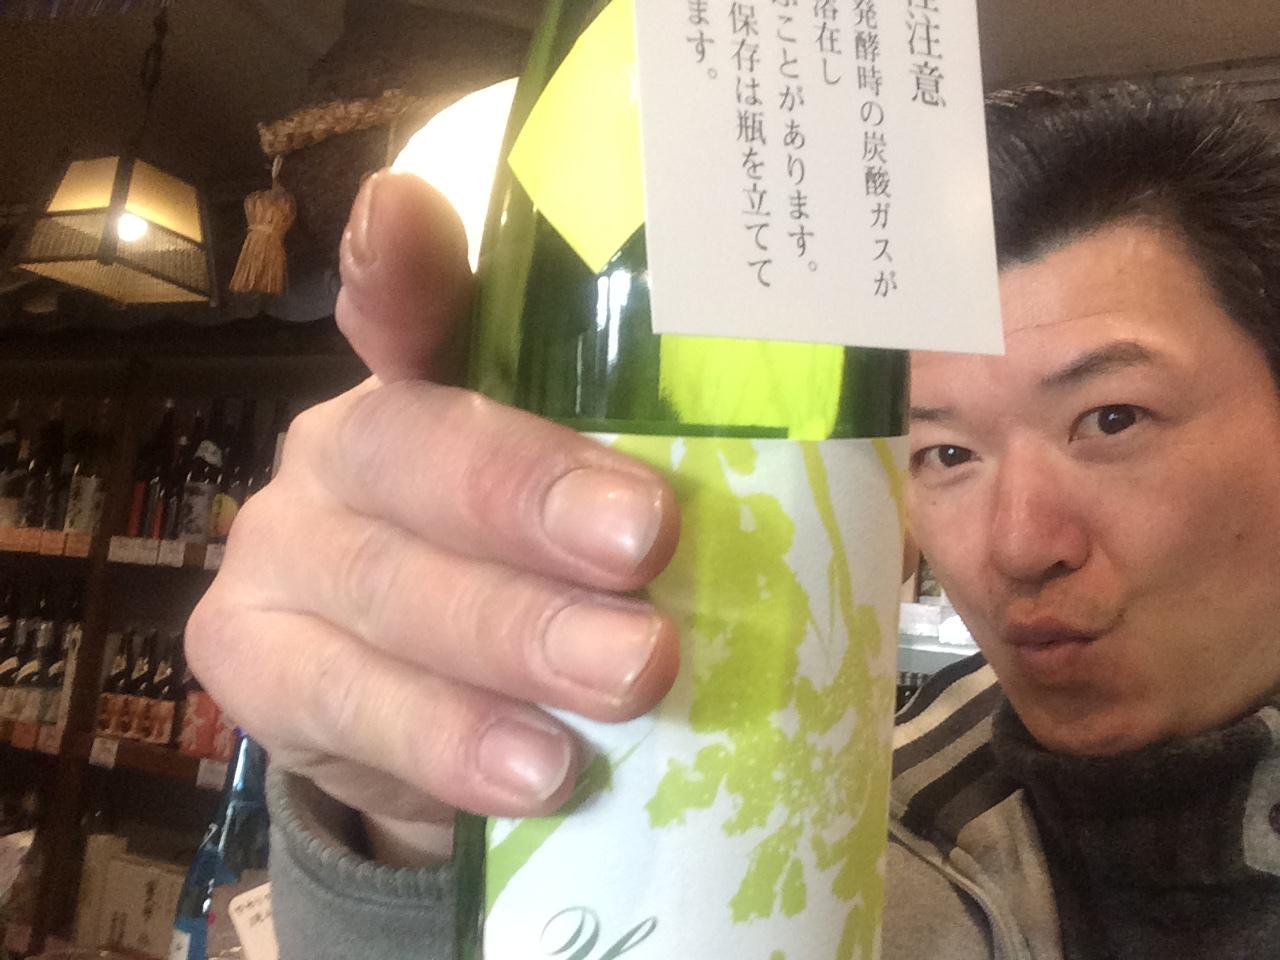 ☆限定酒、入荷!石川県・手取川「U Yoshidagura2017」山廃純米無濾過生原酒☆_c0175182_14255518.jpg